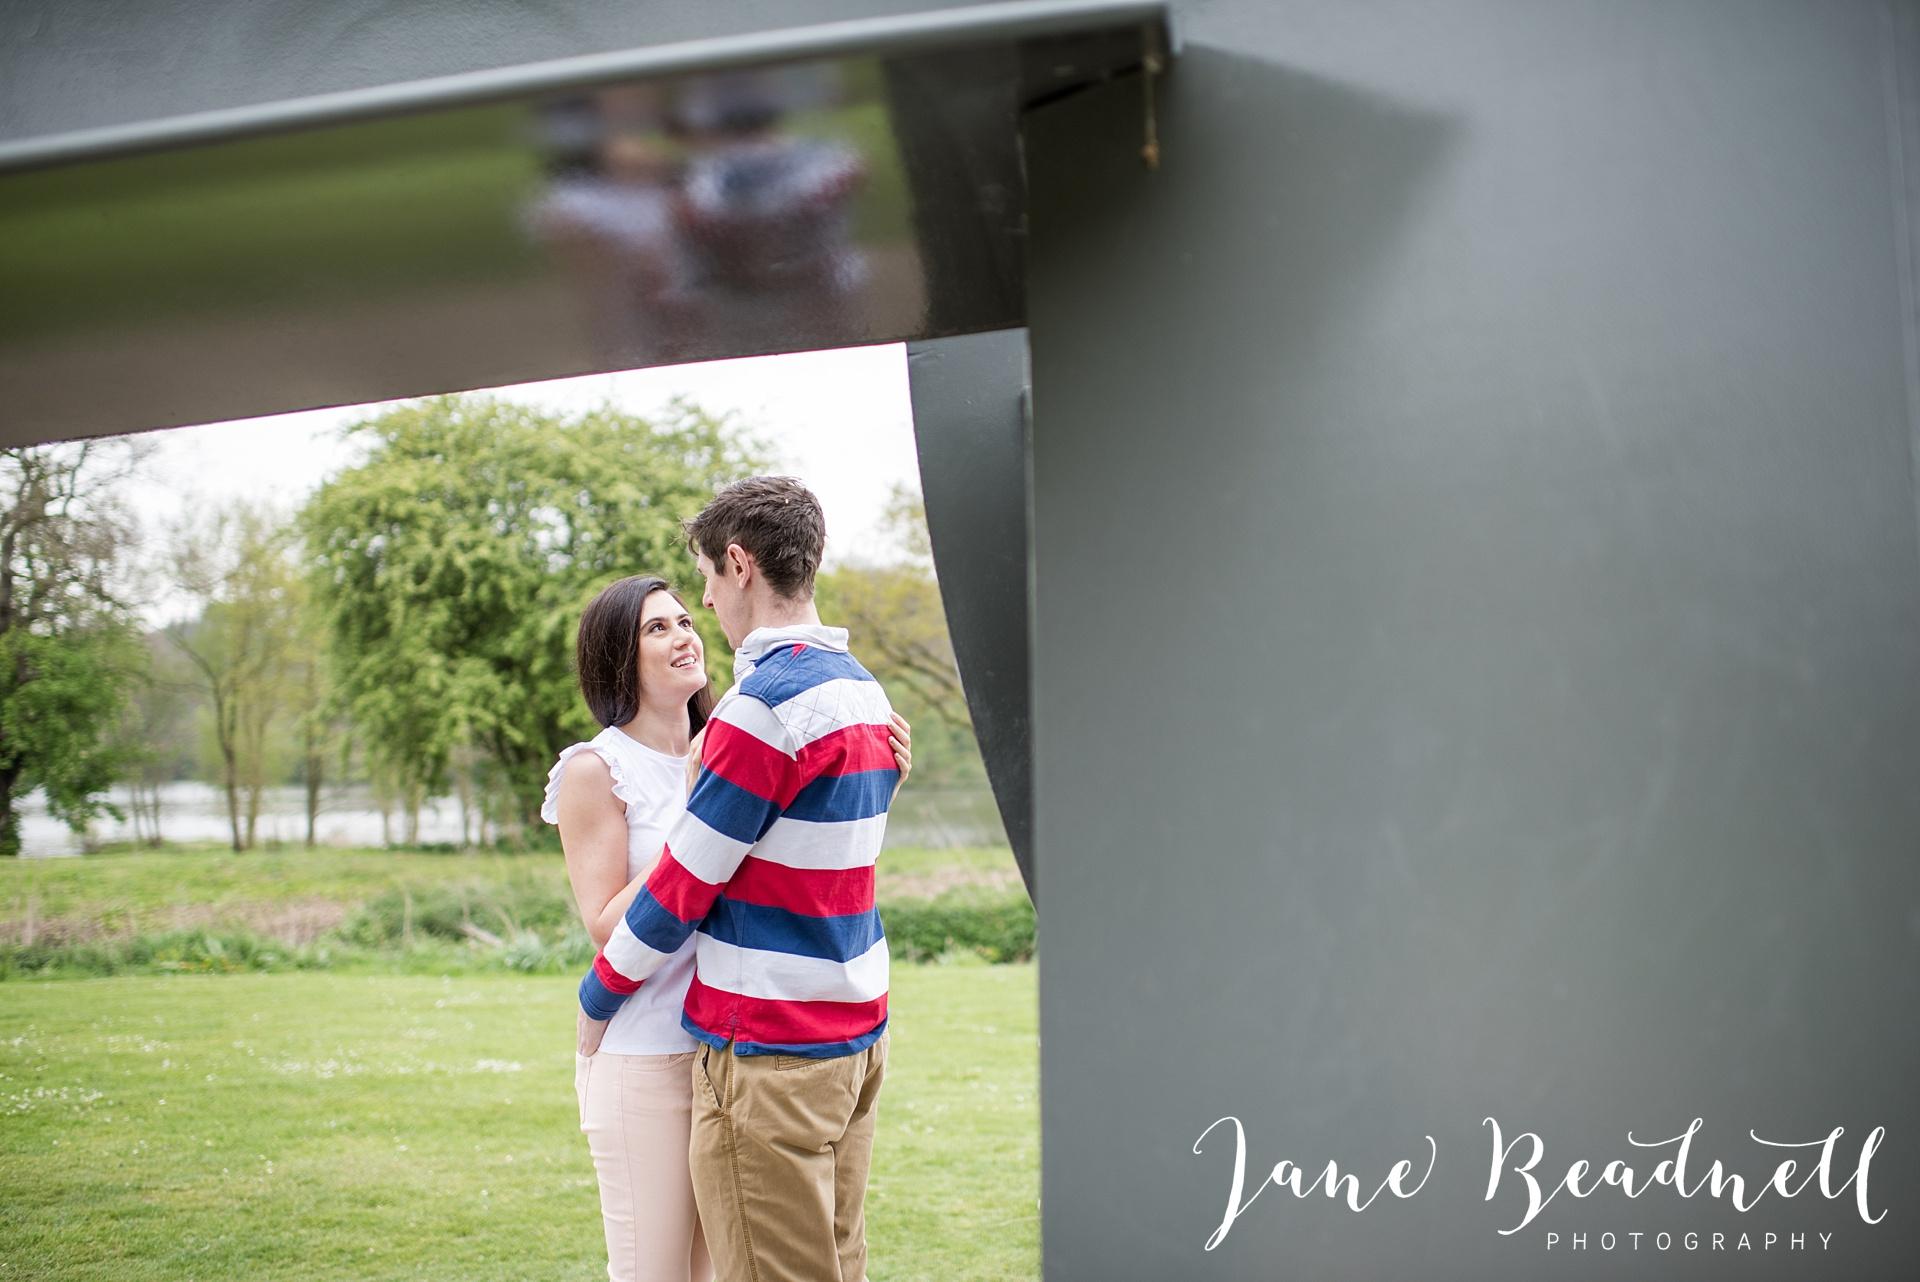 Yorkshire Sculpture Park Engagement Shoot Leeds wedding photographer Jane Beadnell_0075